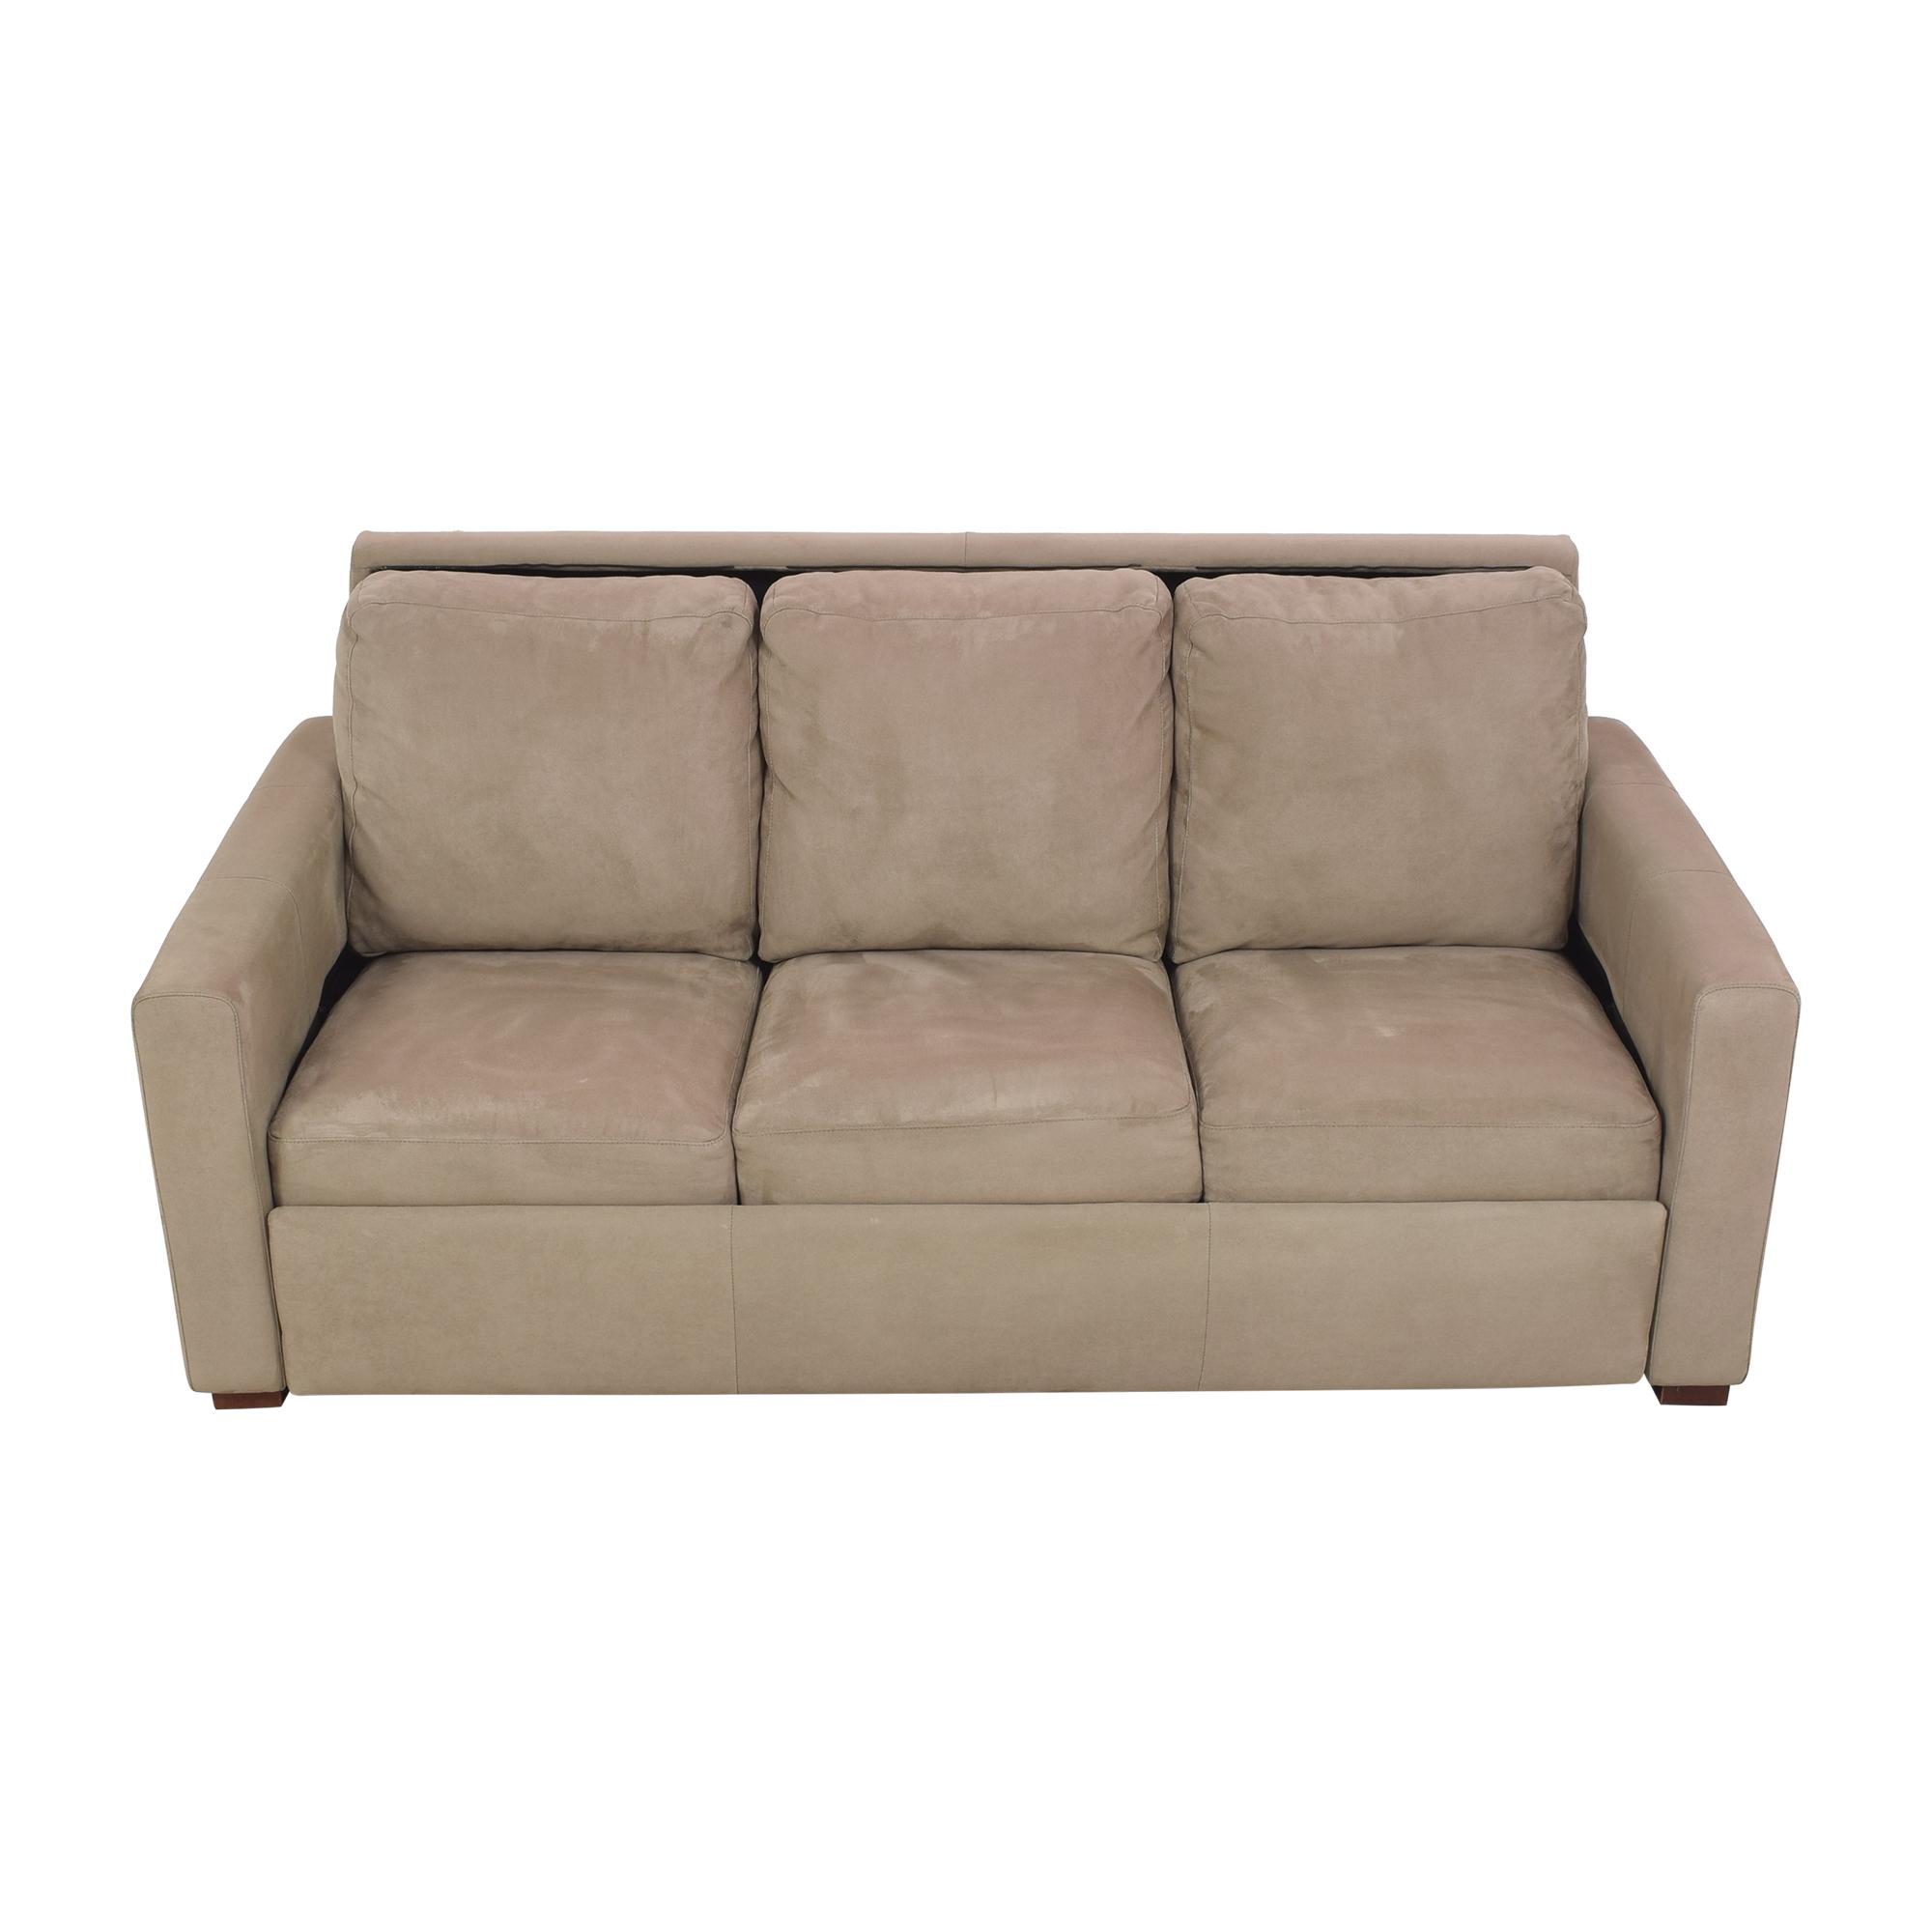 Room & Board Room & Board Allston Sleeper Sofa